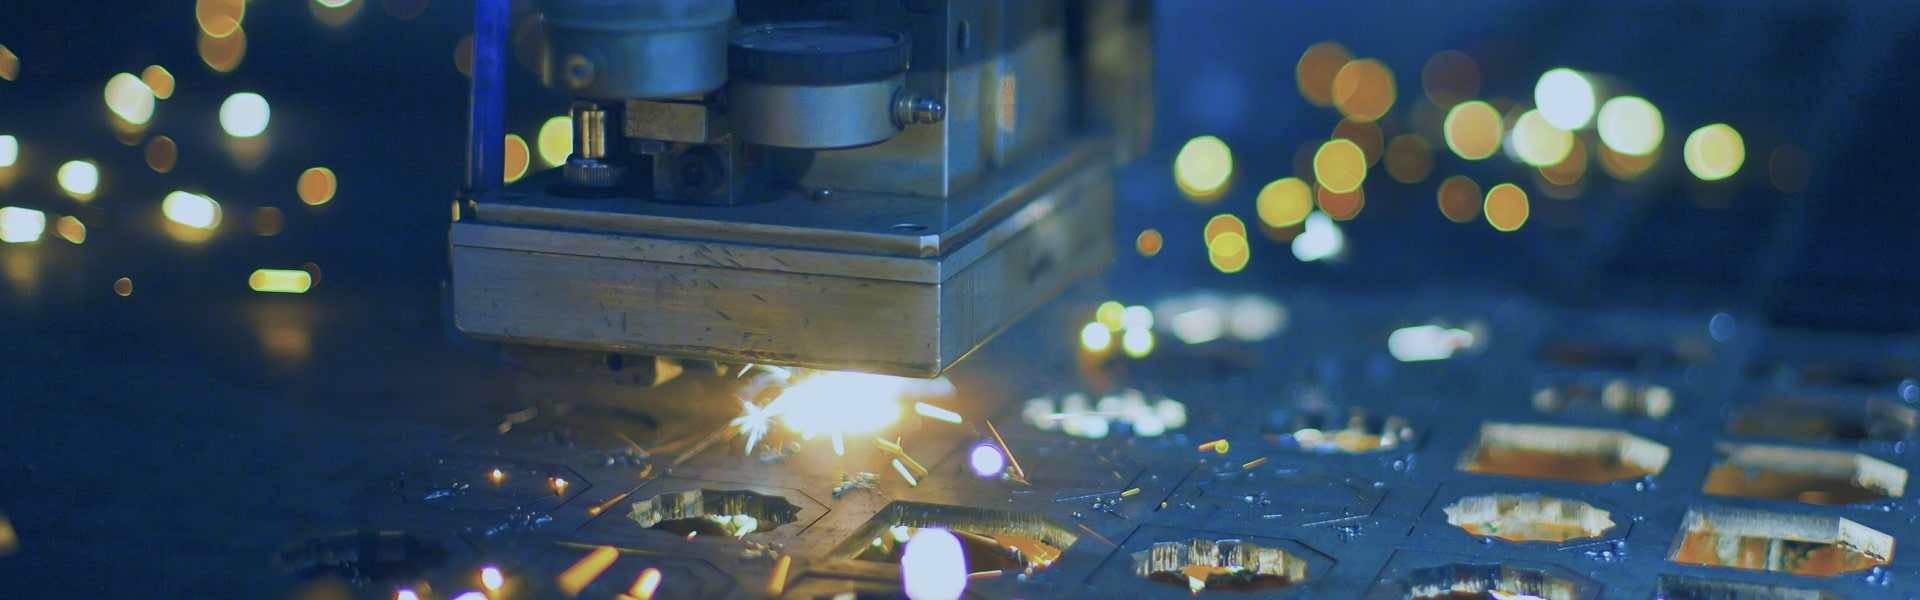 Stanz- und Laserteile